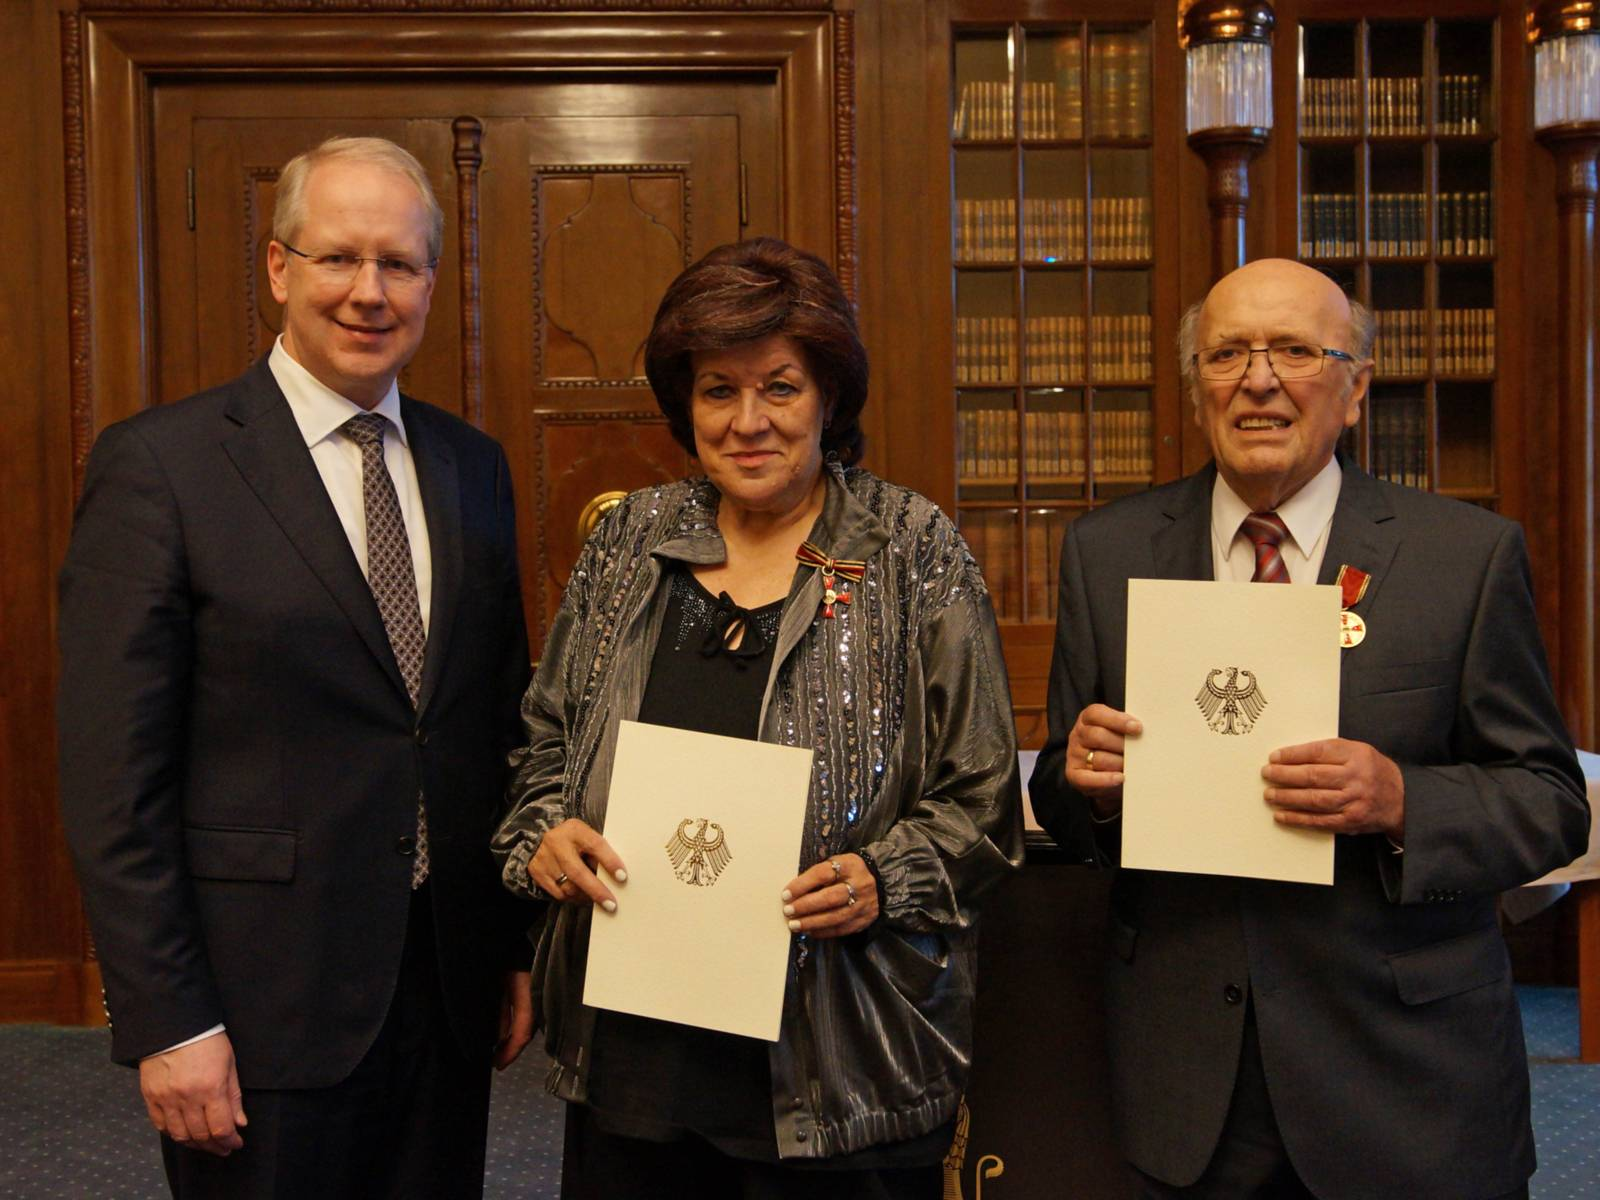 Ein Mann sowie eine Frau mit Urkunde und ein Mann mit Urkunde.